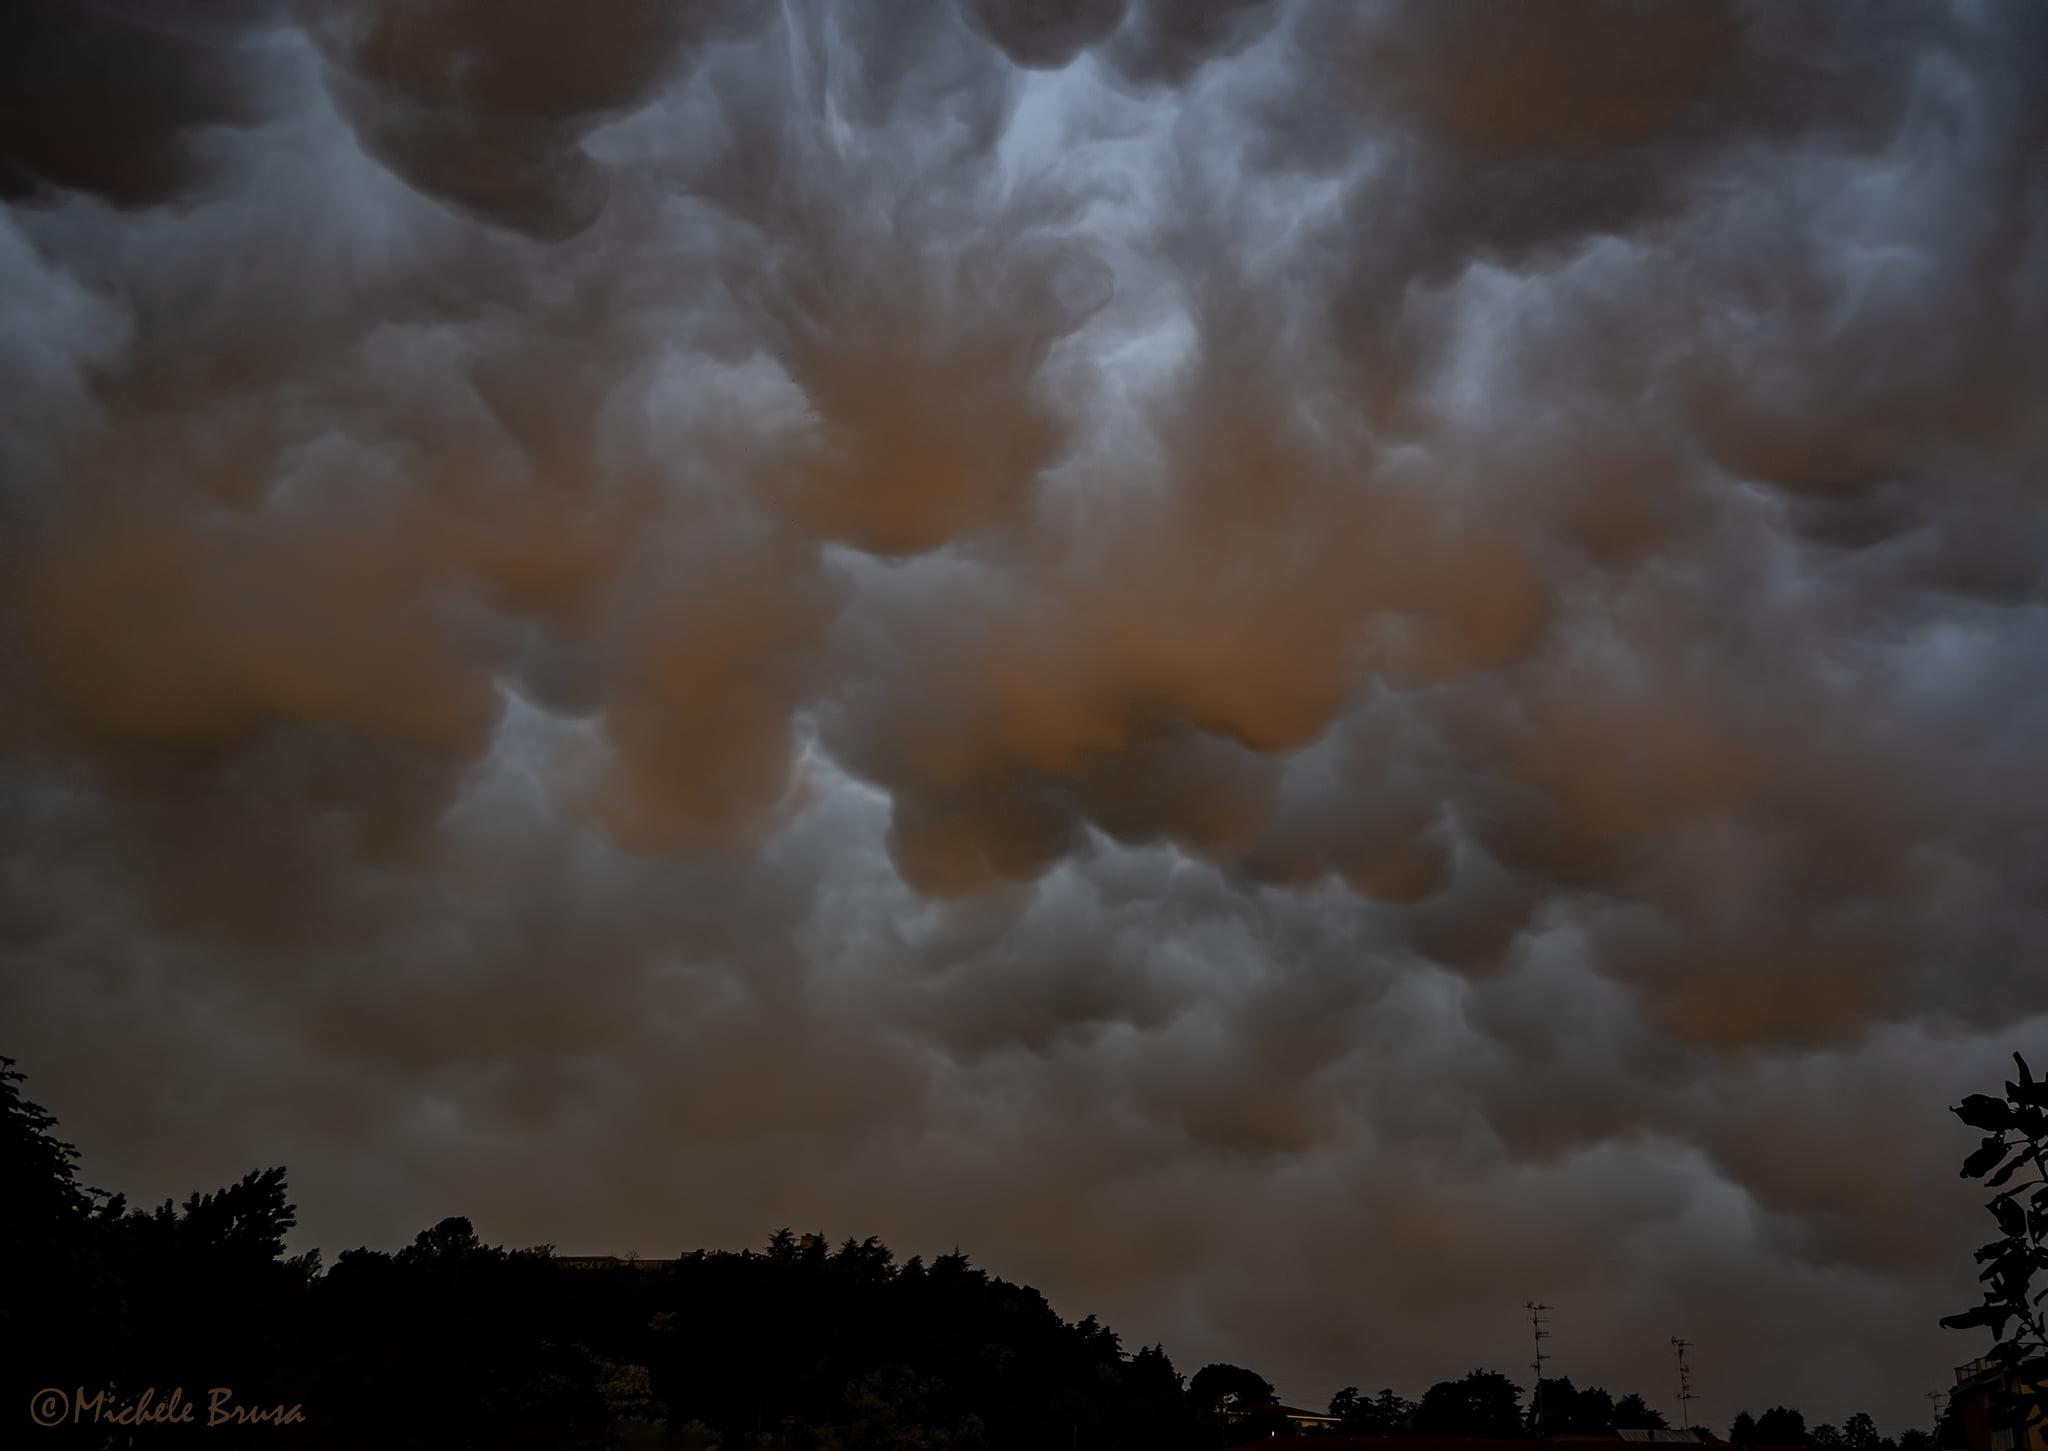 Maltempo di stampo autunnale, forti piogge e nubifragi al nord: superati 200 mm in Piemonte